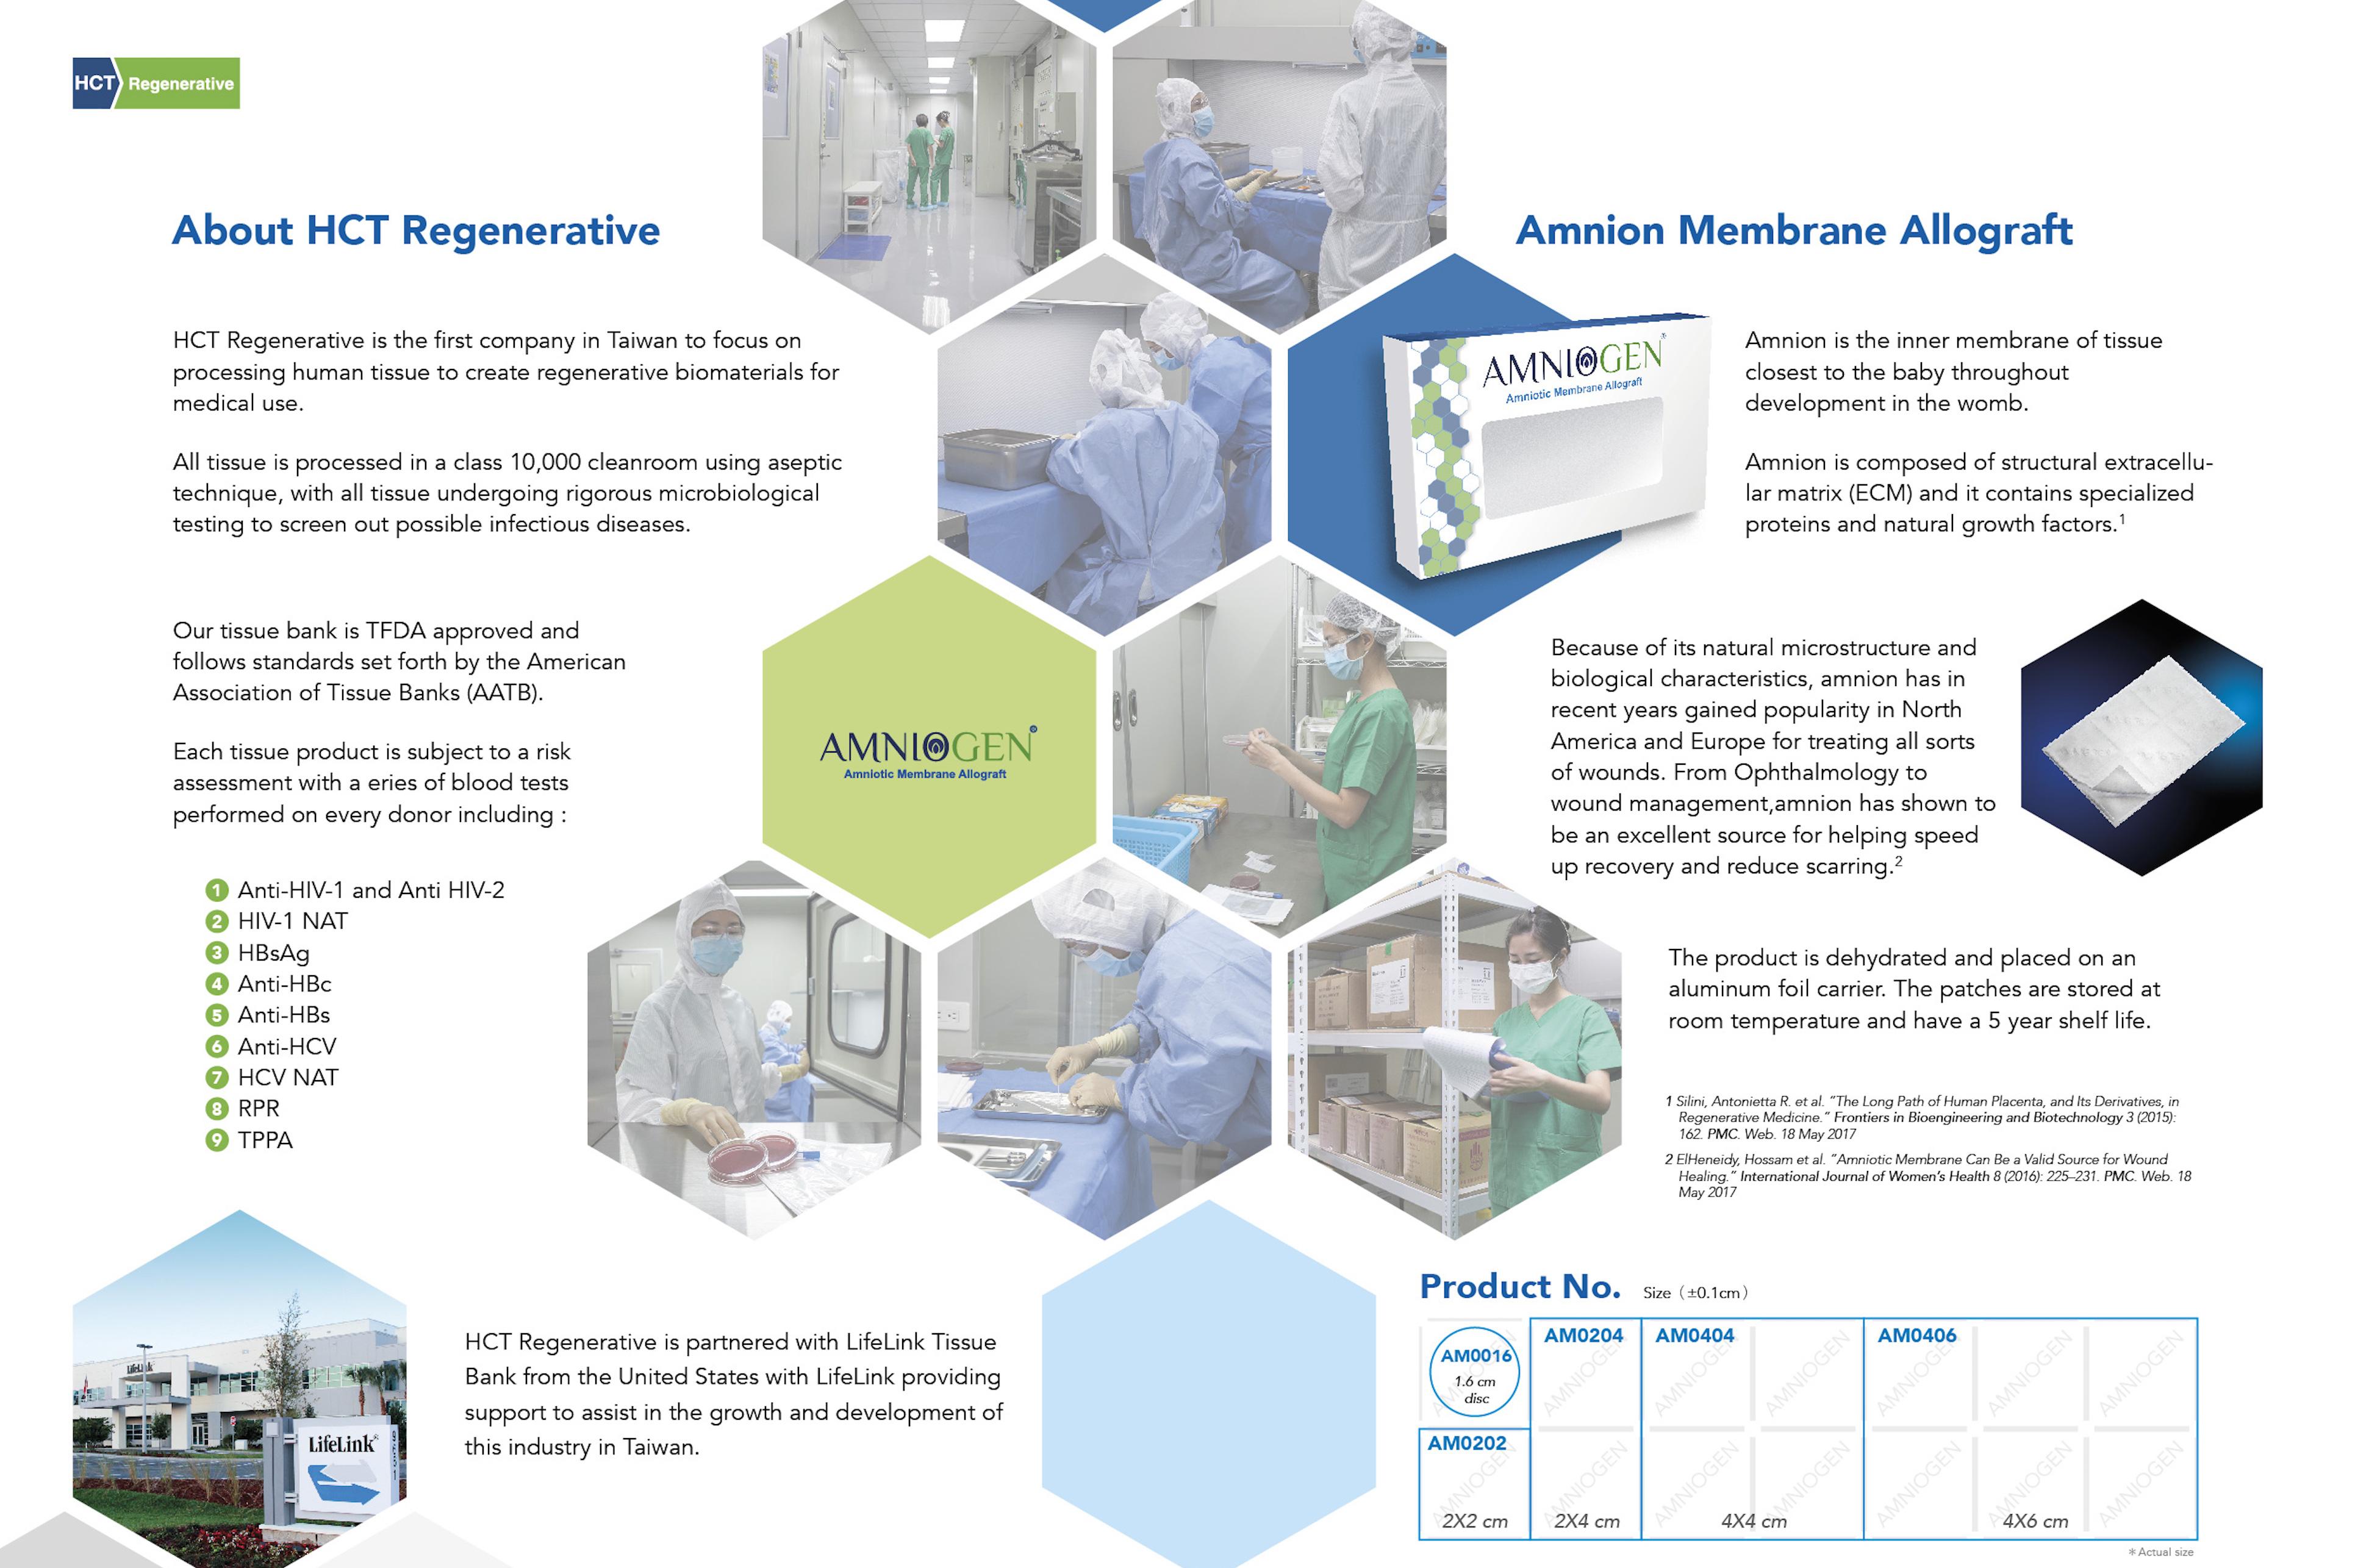 醫晟生醫由美國技術團隊創辦,使用美國標準以及規格製備再生醫材產品